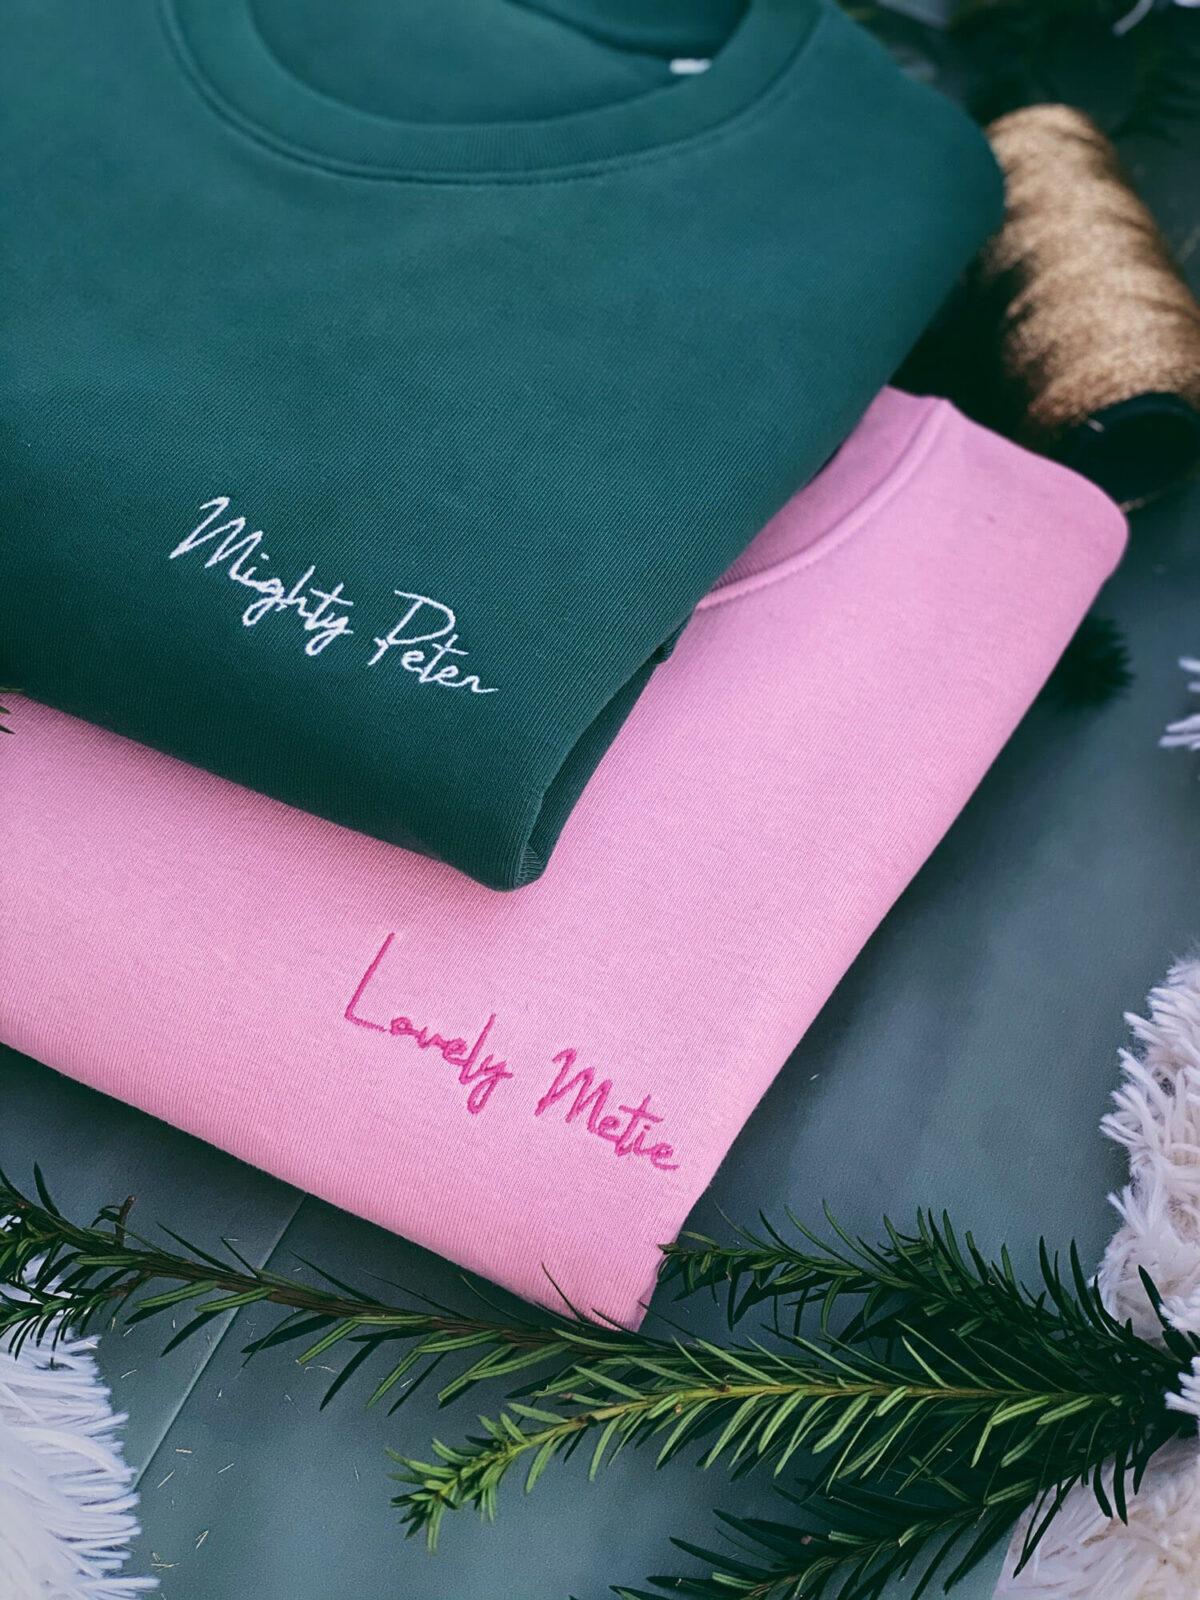 Mighty Peter & Lovely Metie personalisatie sweater bij Mangos on Monday